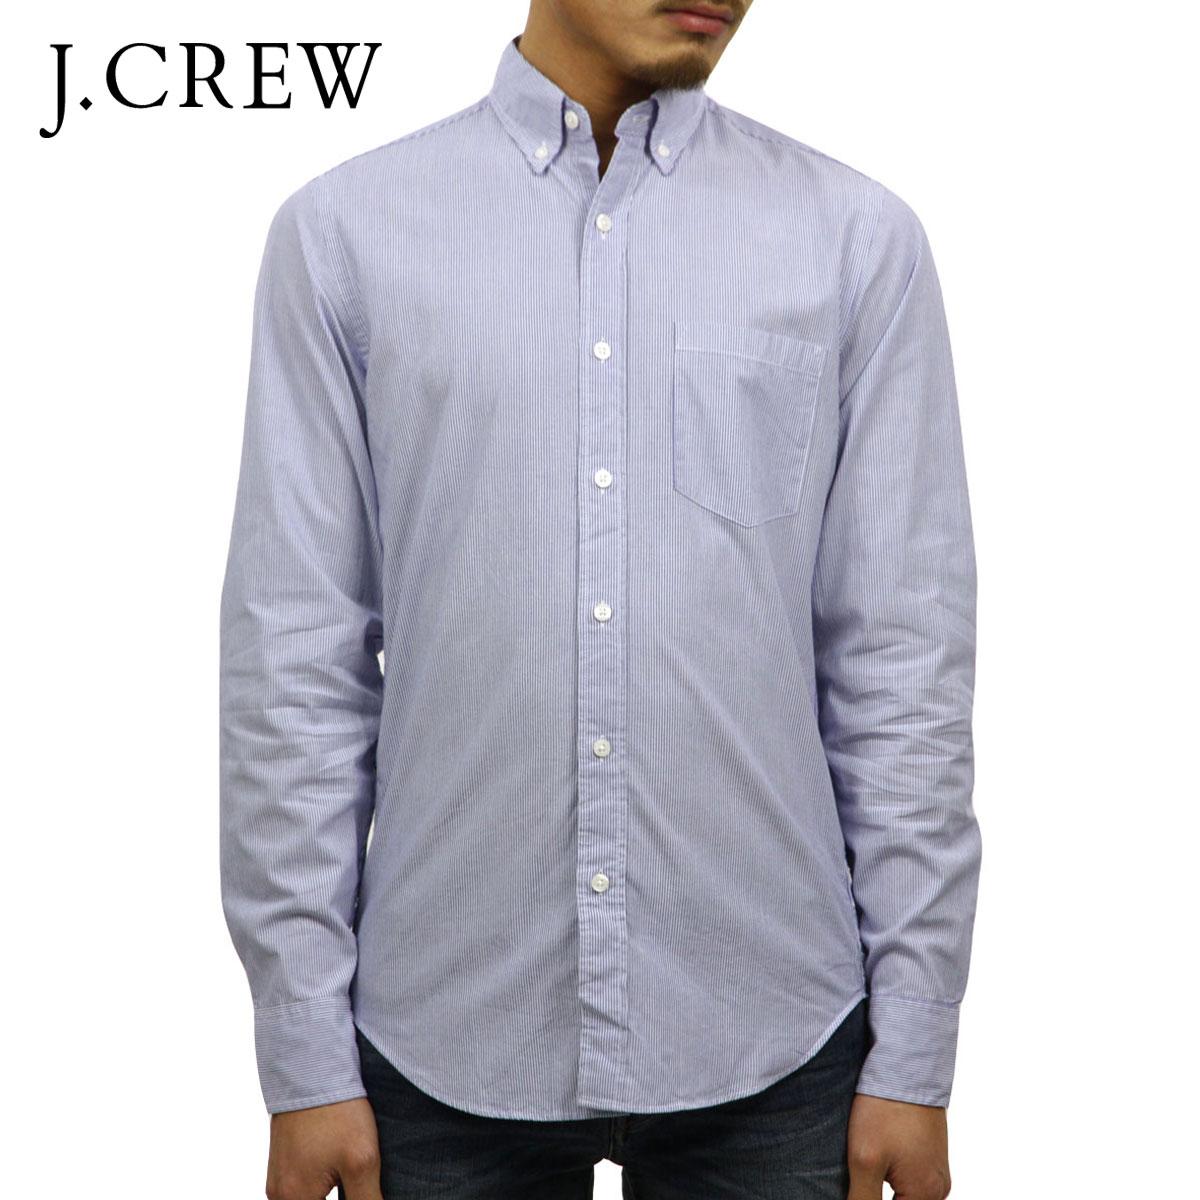 ジェイクルー J.CREW 正規品 メンズ 長袖シャツ WASHED SHIRT IN CLASSIC STRIPE b8656 D00S20